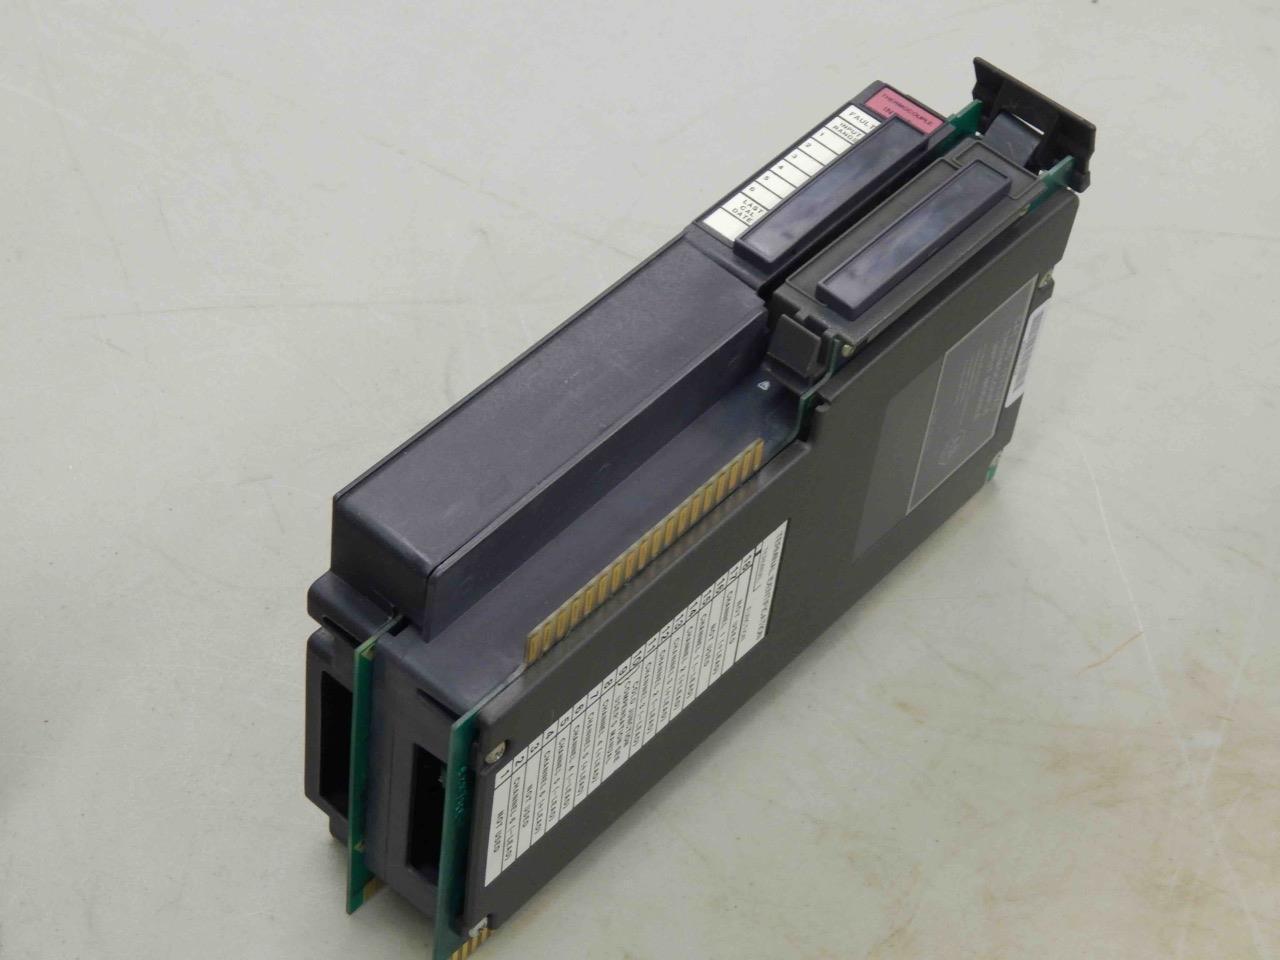 #478 Allen Bradley 1771-IXC Thermocouple Input Module OBSOLETE